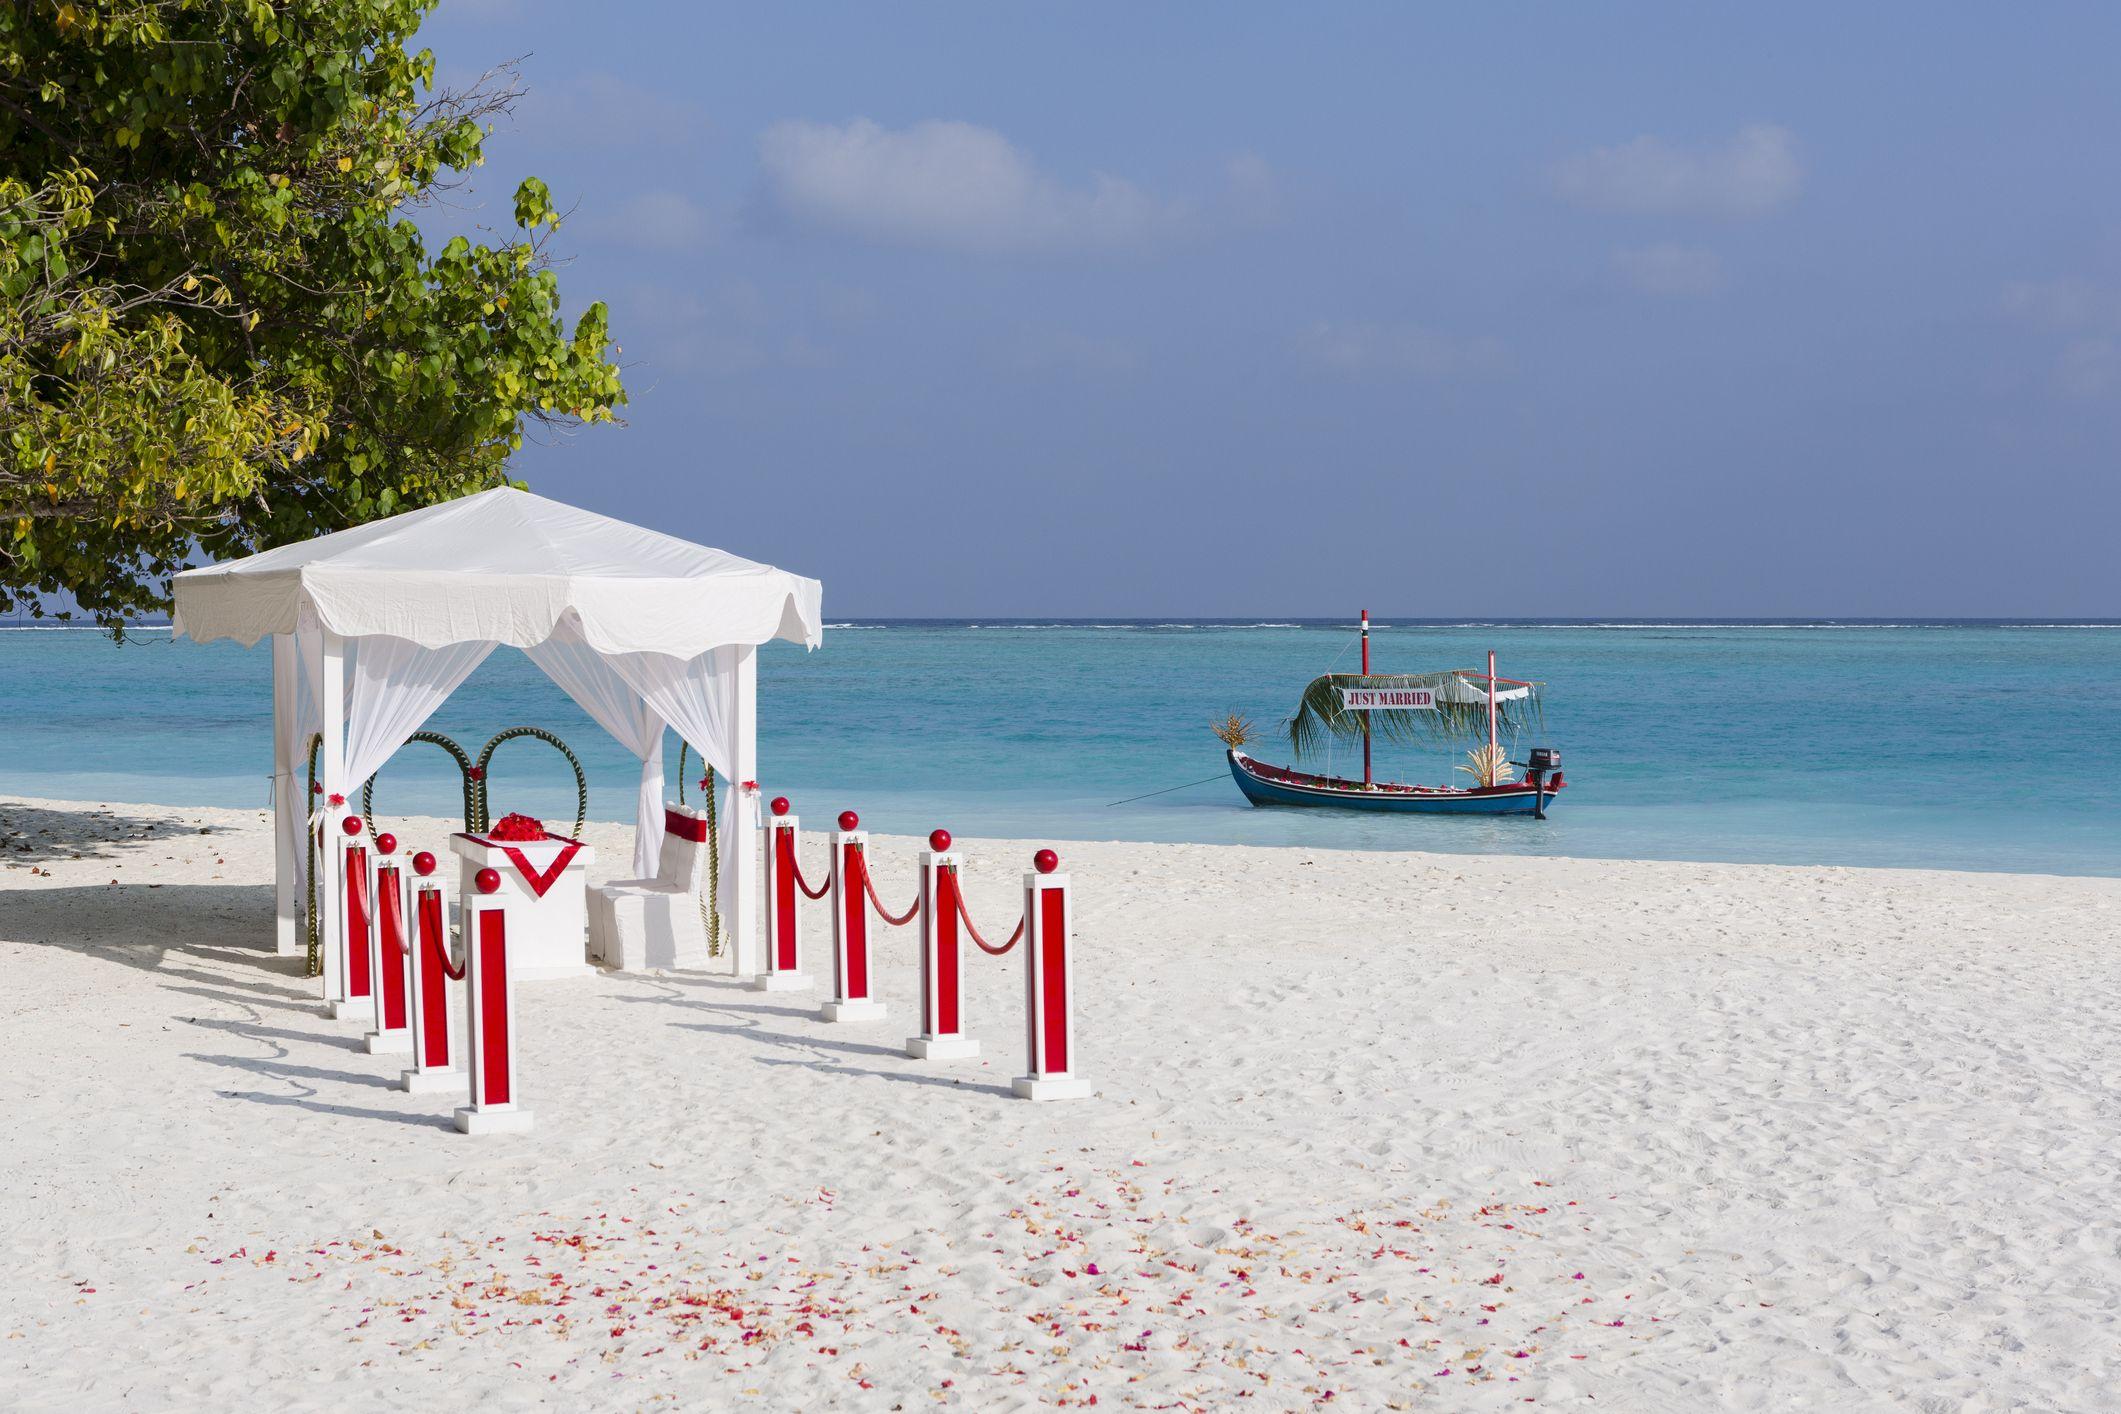 Matrimonio in spiaggia  10 idee per organizzare un evento favoloso 65b824fa832d